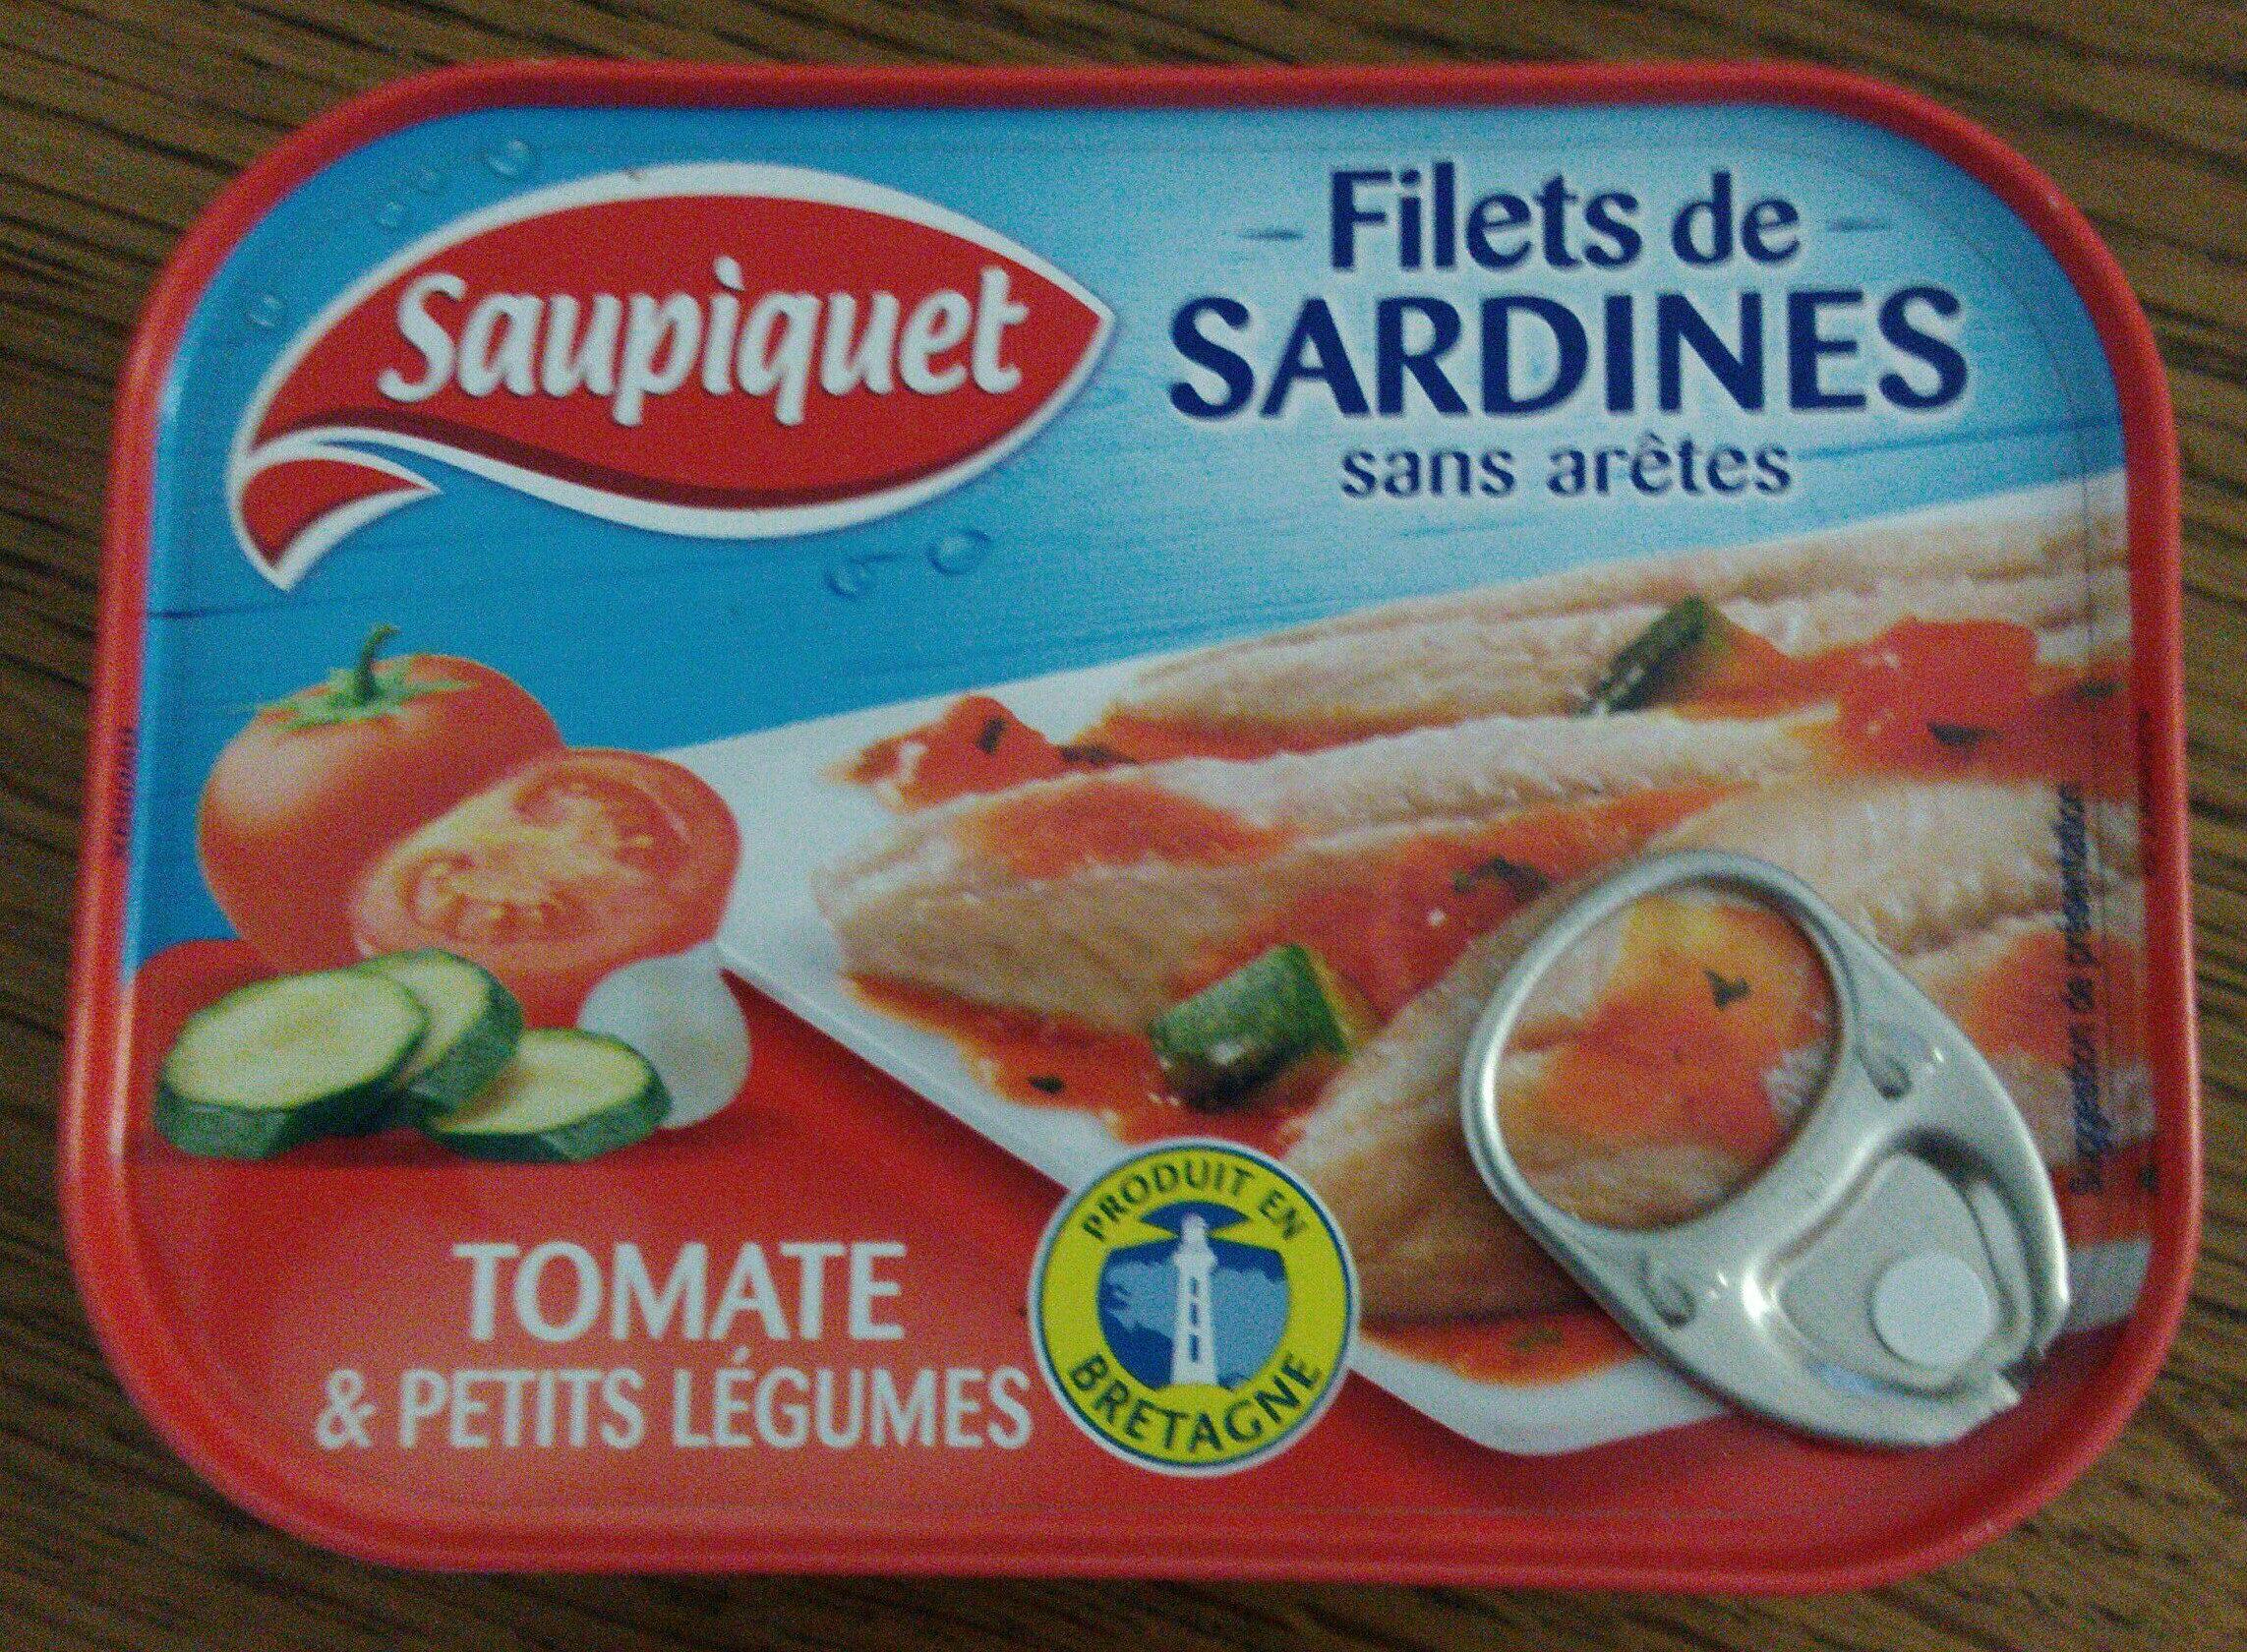 Filets de Sardines (à la Tomate et ses petits légumes) - Product - fr